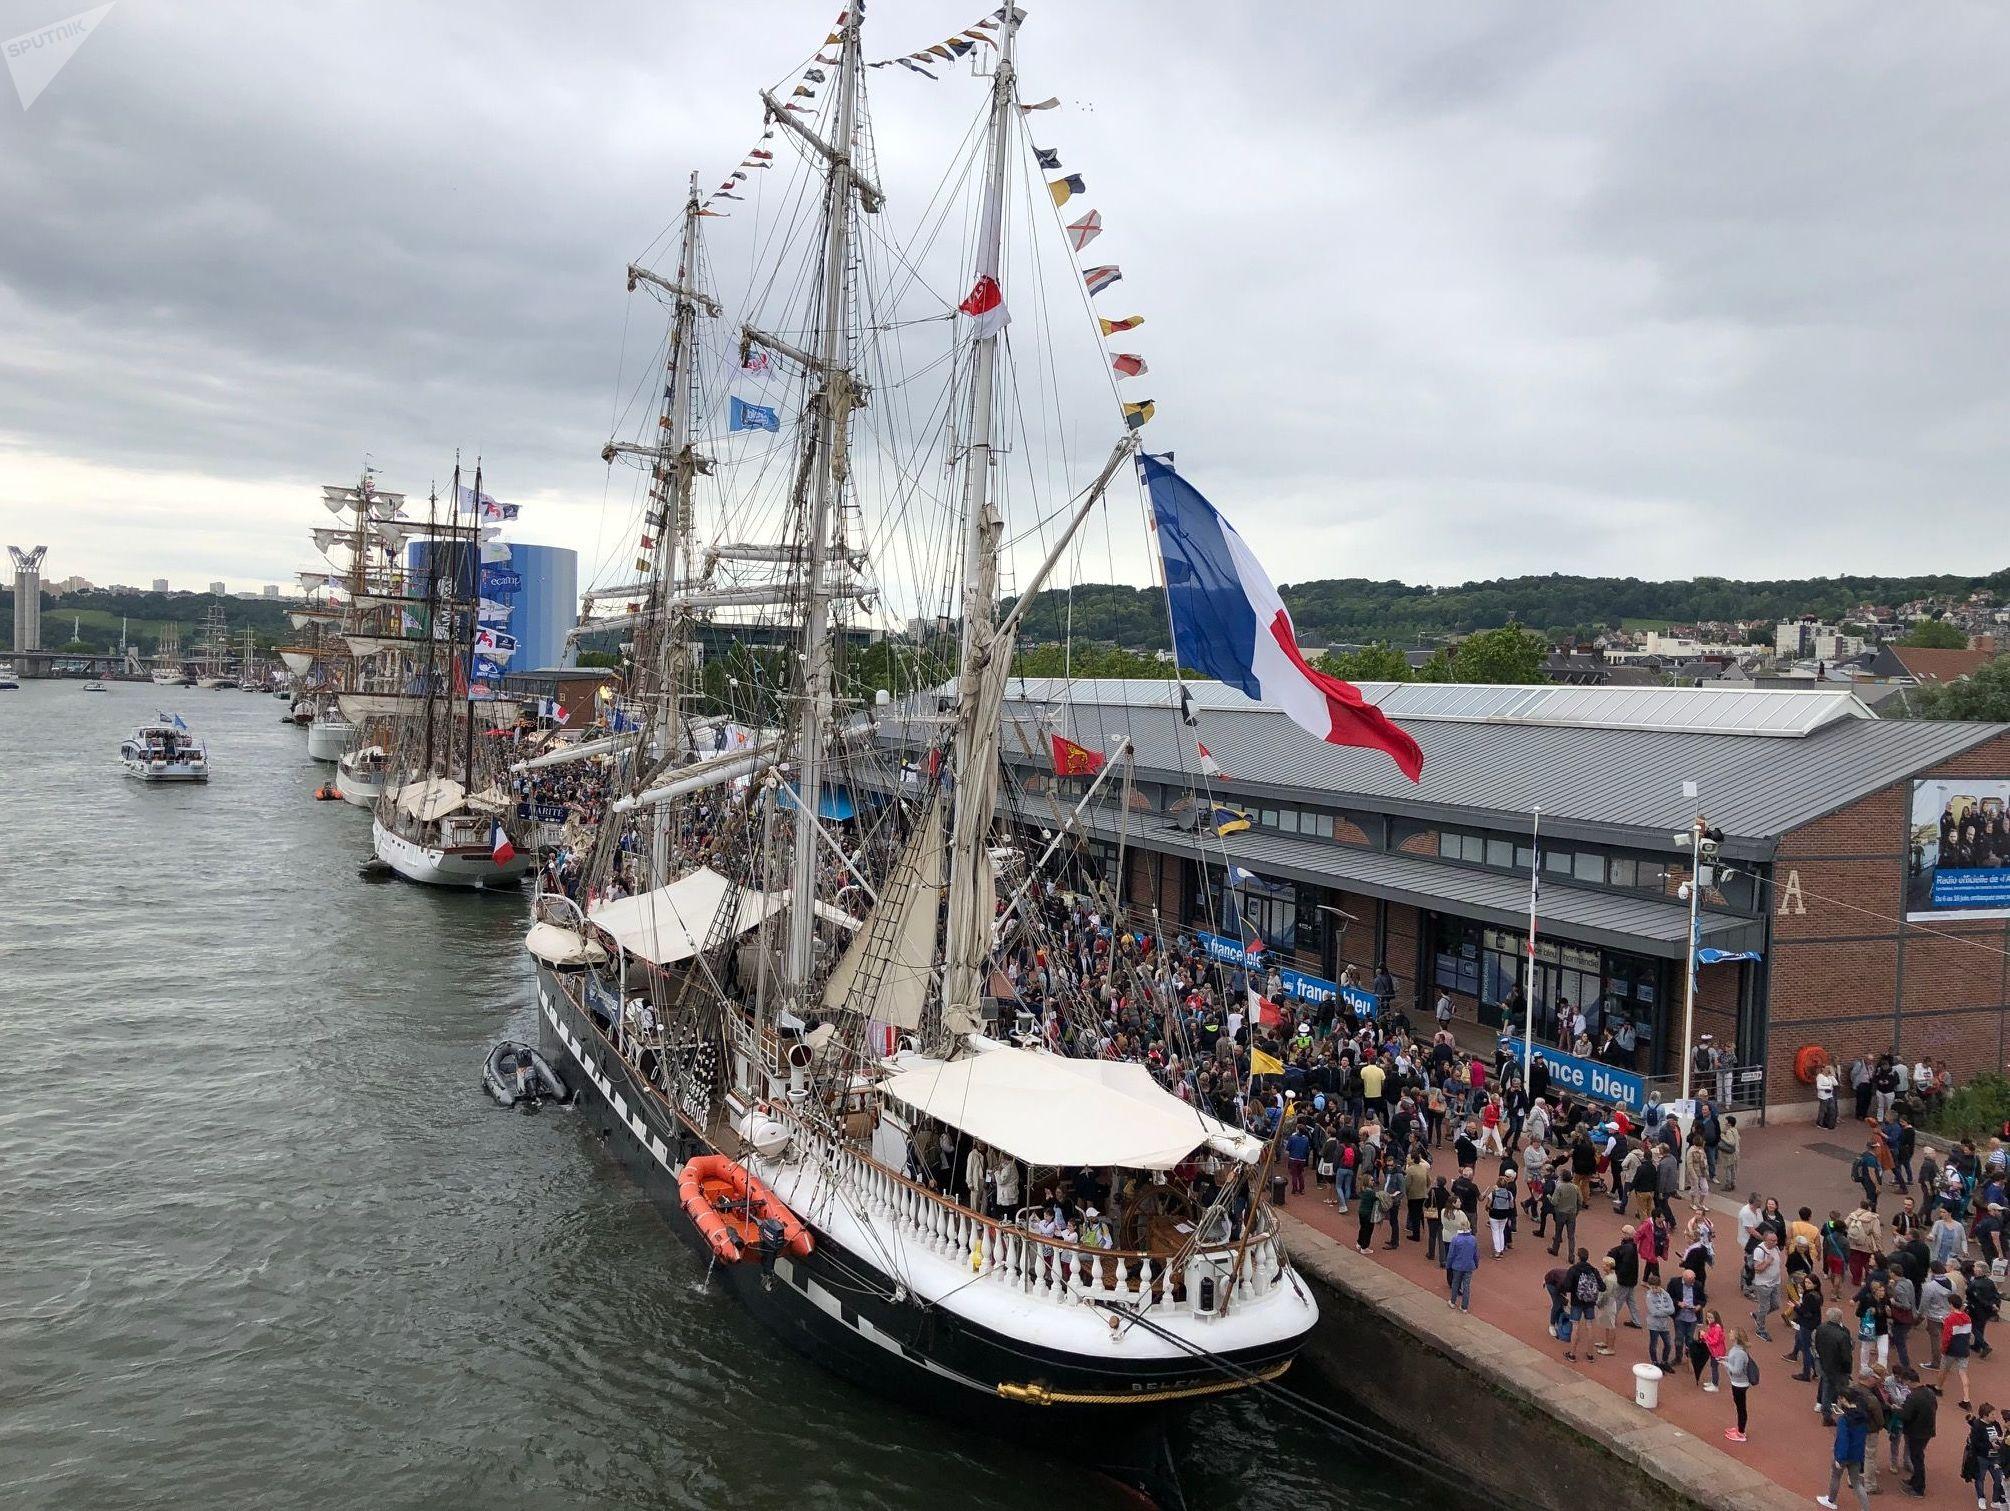 Des navires à voile accostés le long des quais à Armada de Rouen